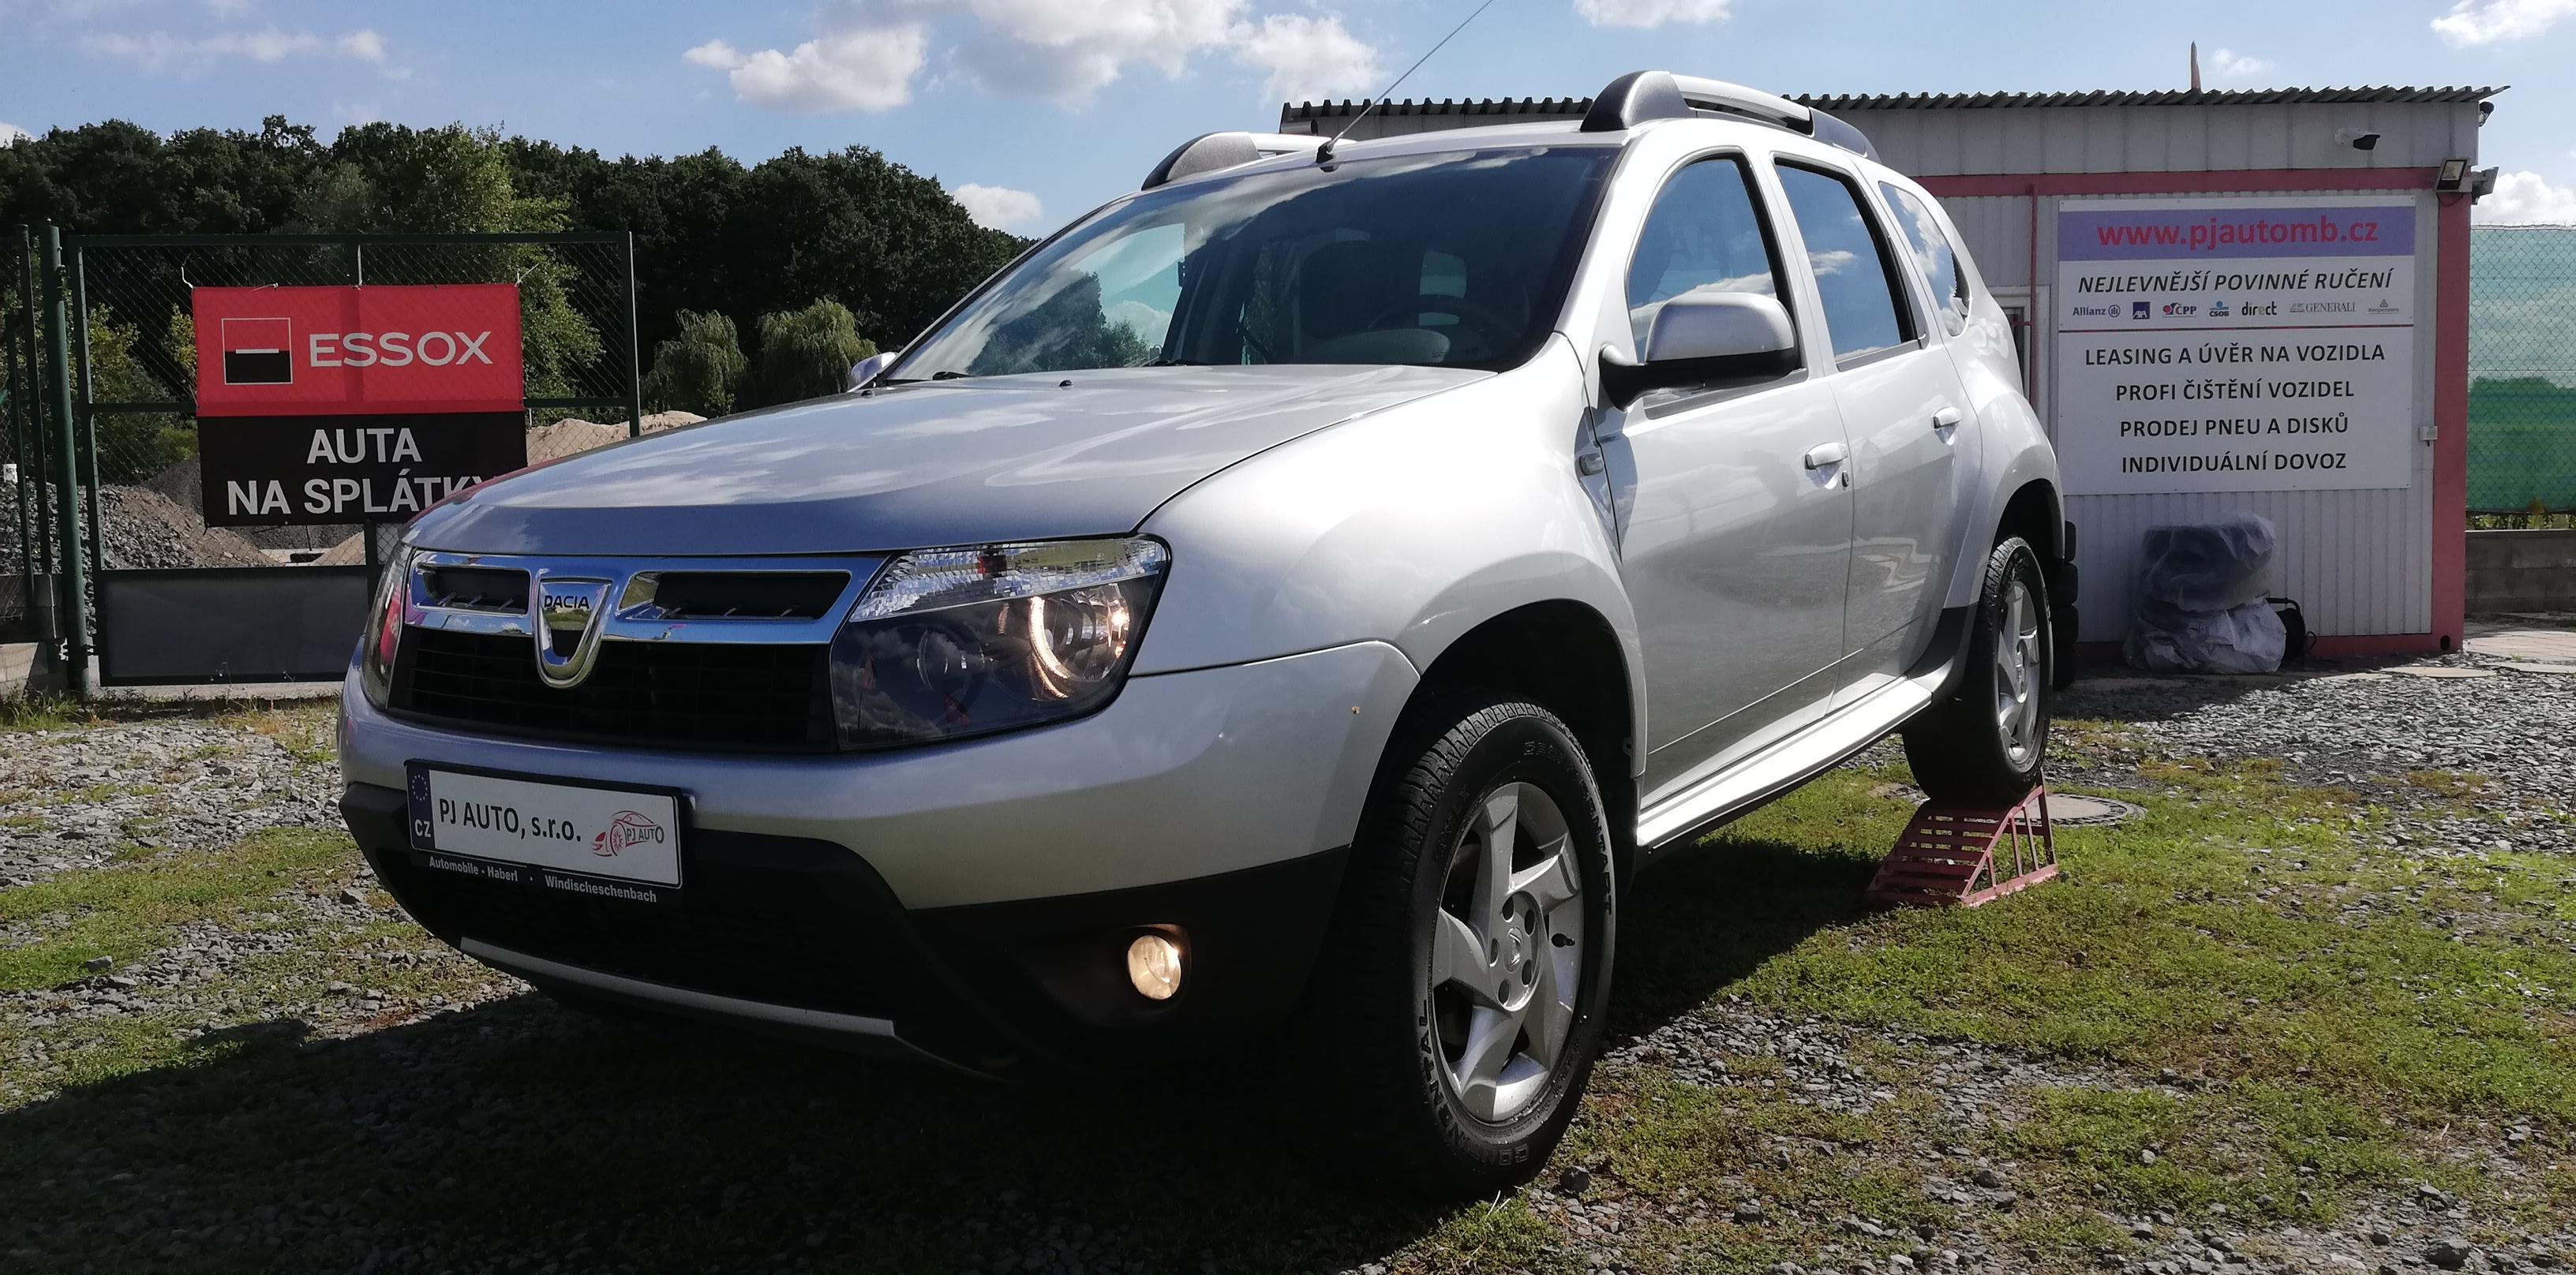 Dacia Duster 1.6i 77kW 4x4 Laureate,ALU,Klima,50 tkm